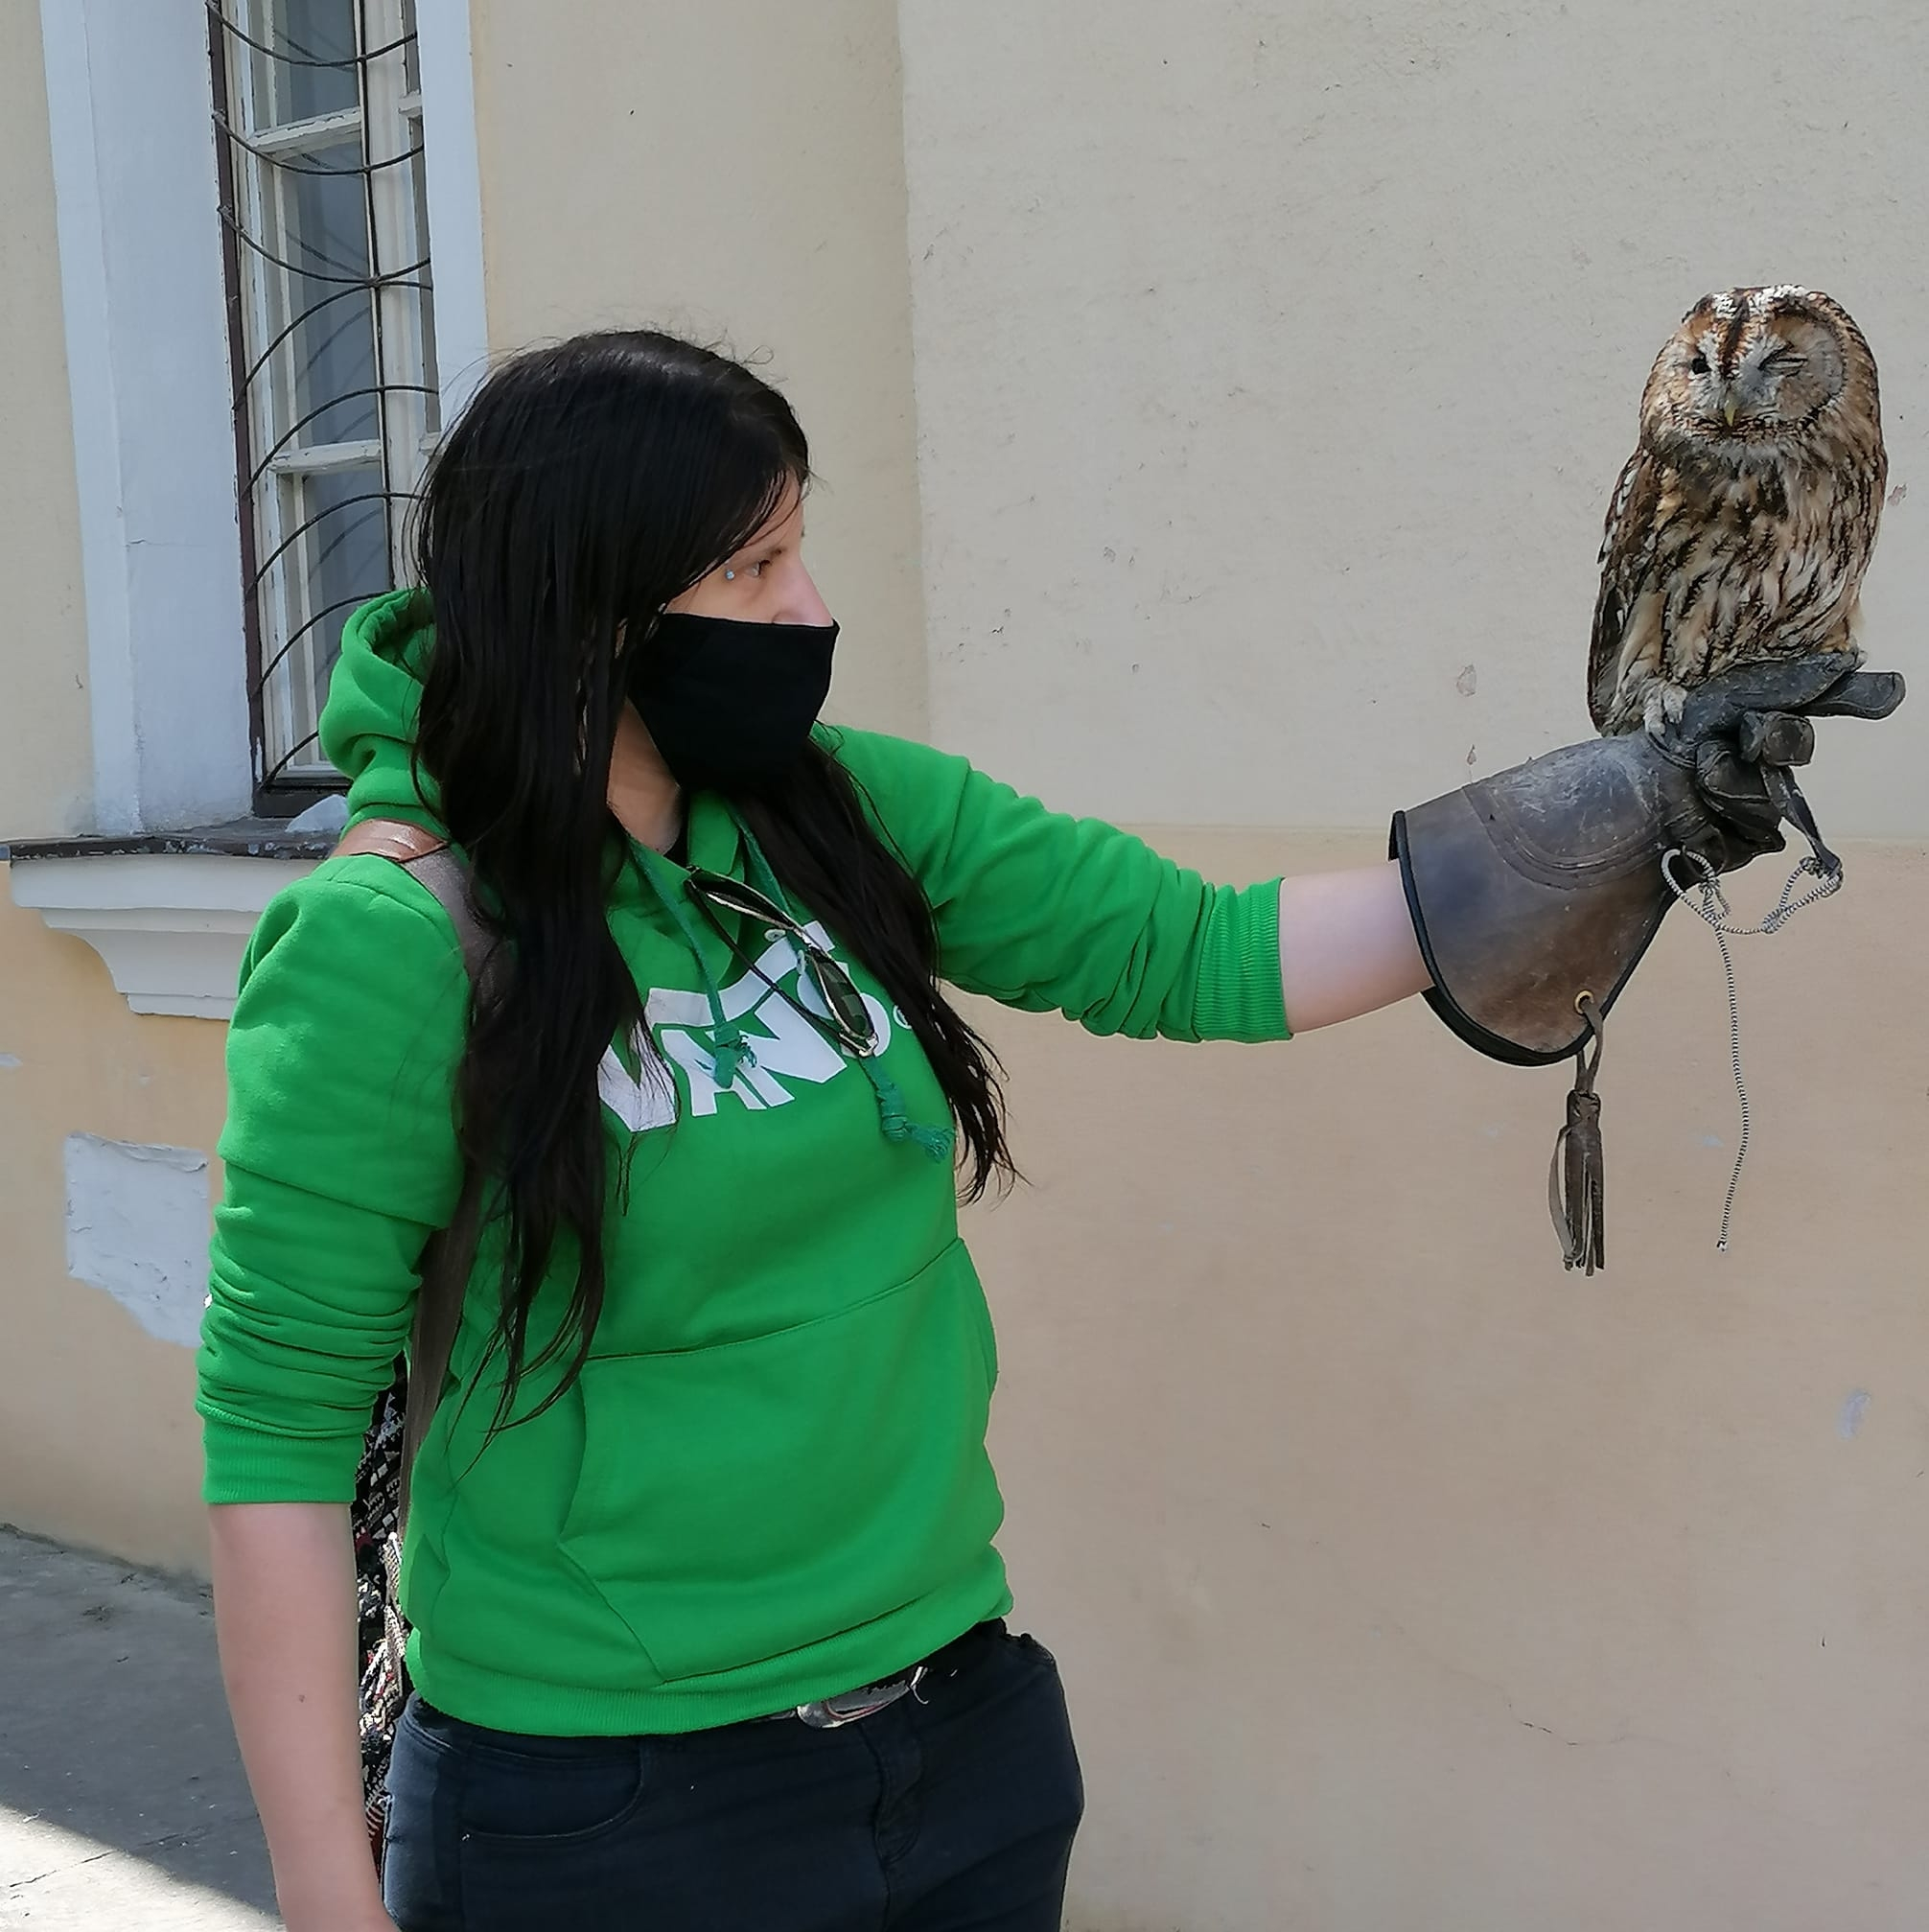 Tipy na výlety Slovensko nielen počas korony